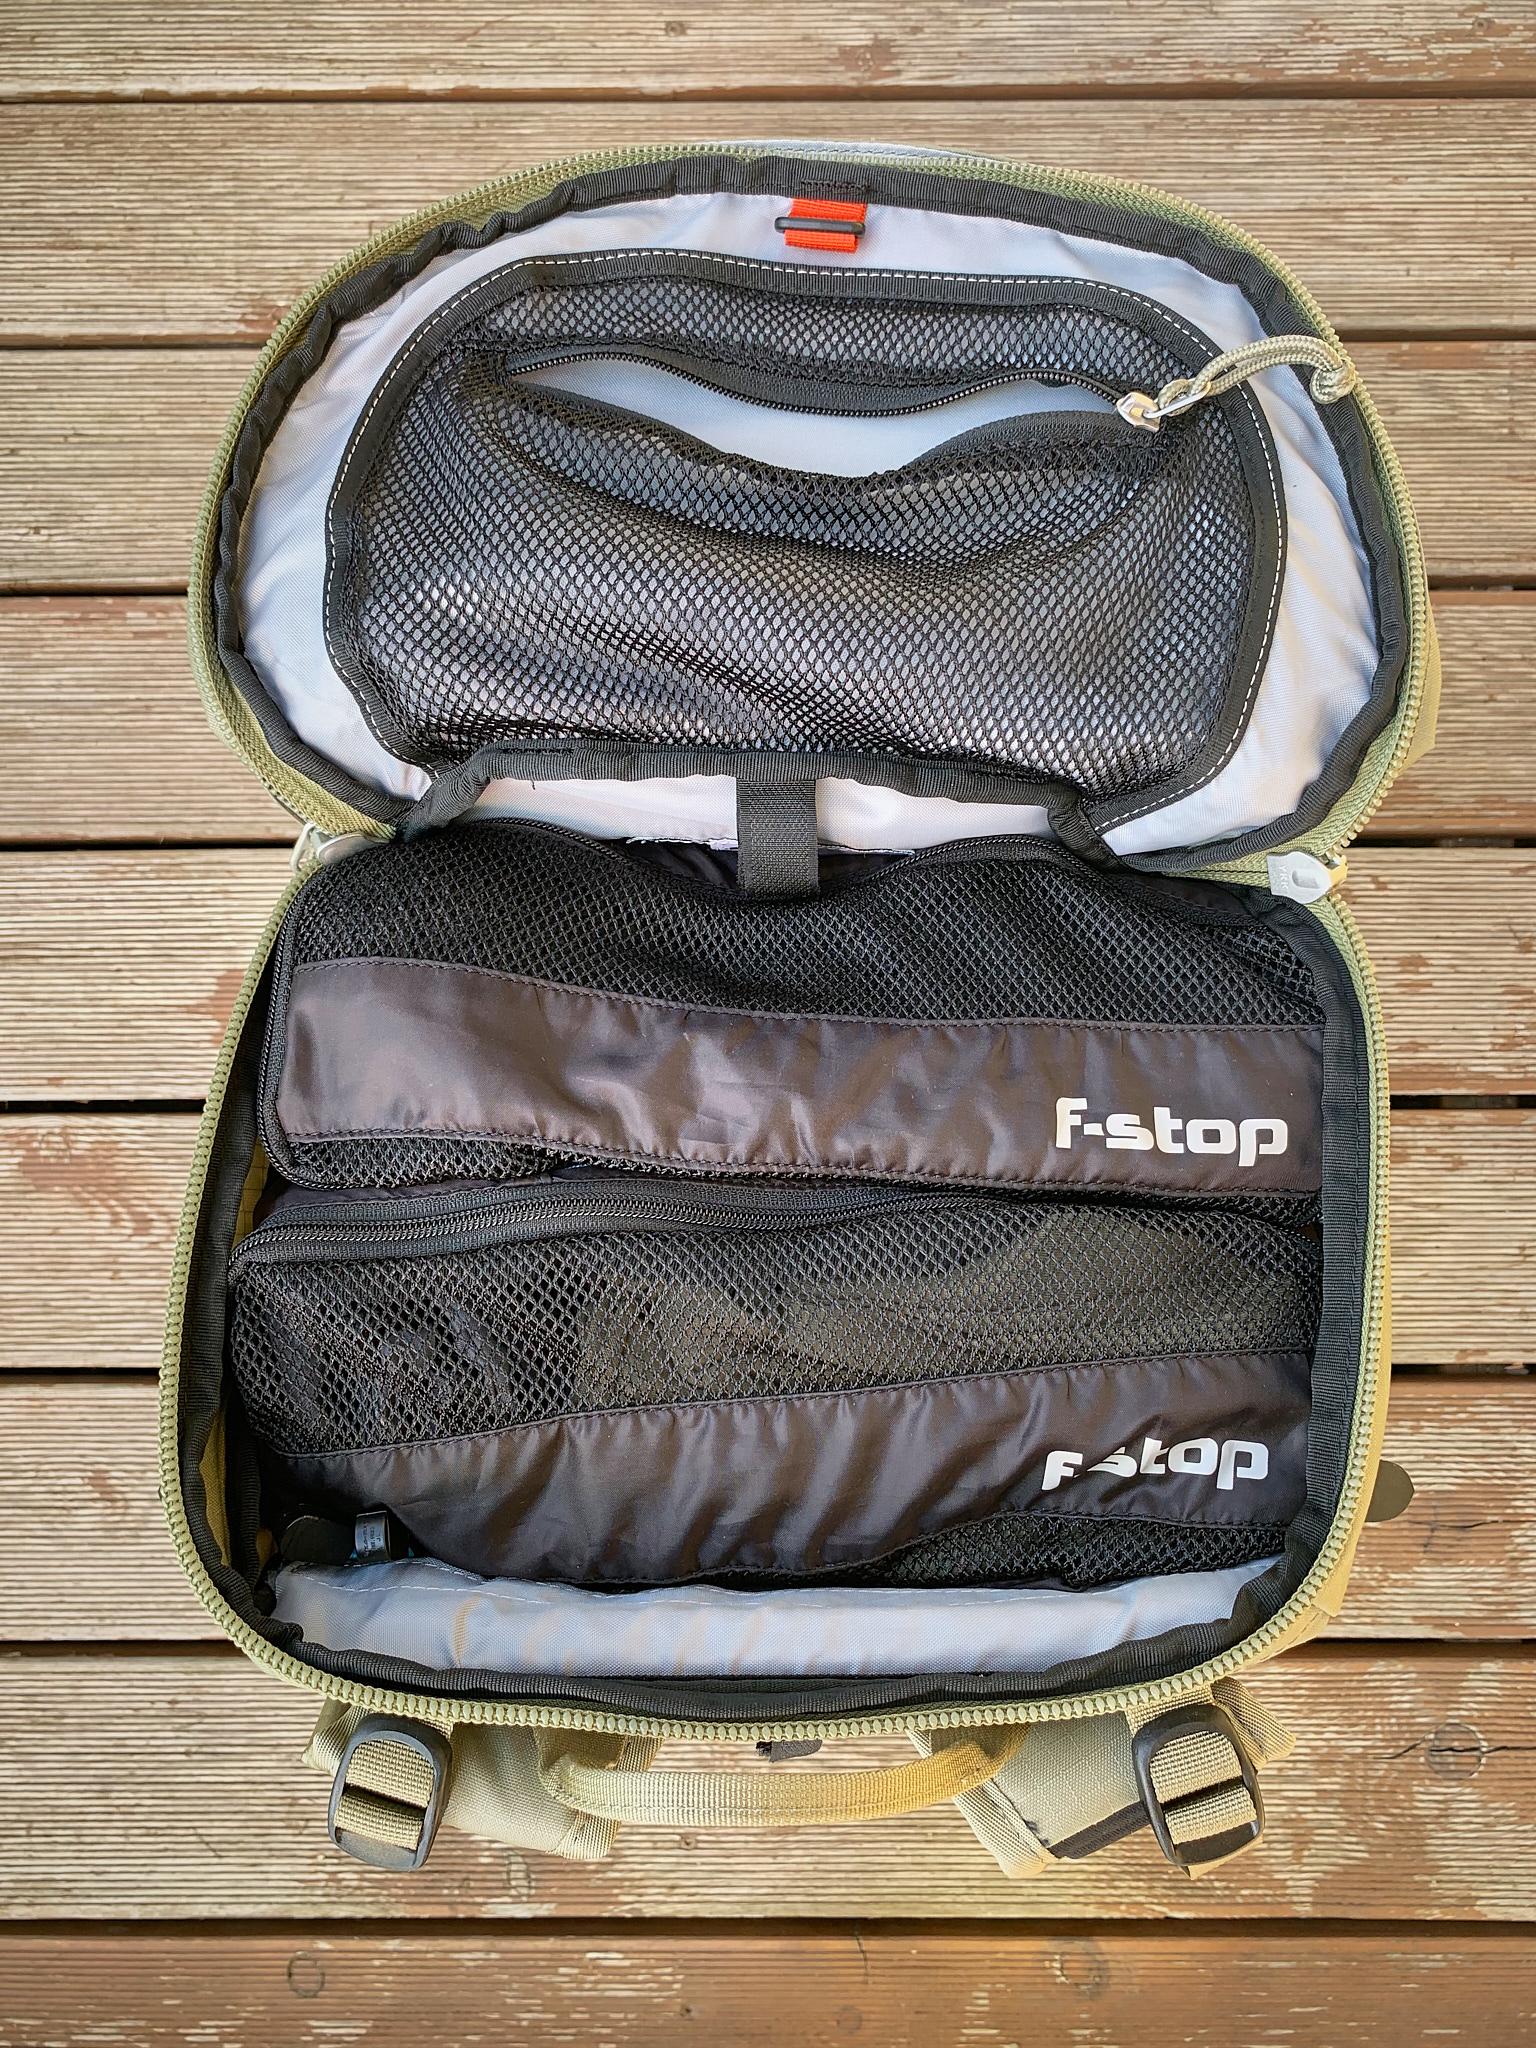 Velký horní vstup do batohu umožňuje snadno vložit a vyjmout i objemnější věci.